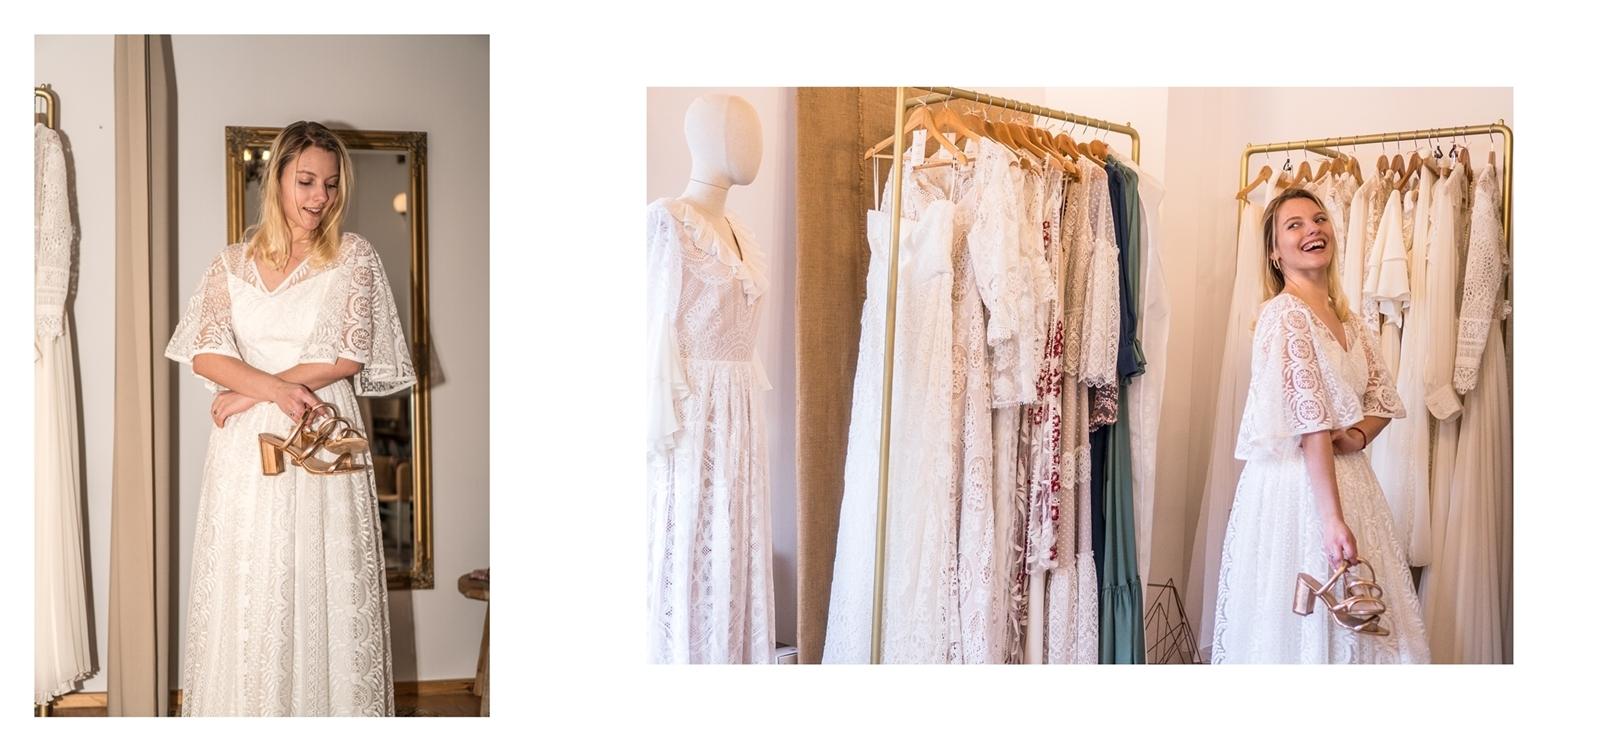 25 suknie ślubne od polskich projektantów gdzie kupić niebanalną suknię ślubną rustykalną boho w stylu koronkowym falbany tiul sukienka ślubna rockowa